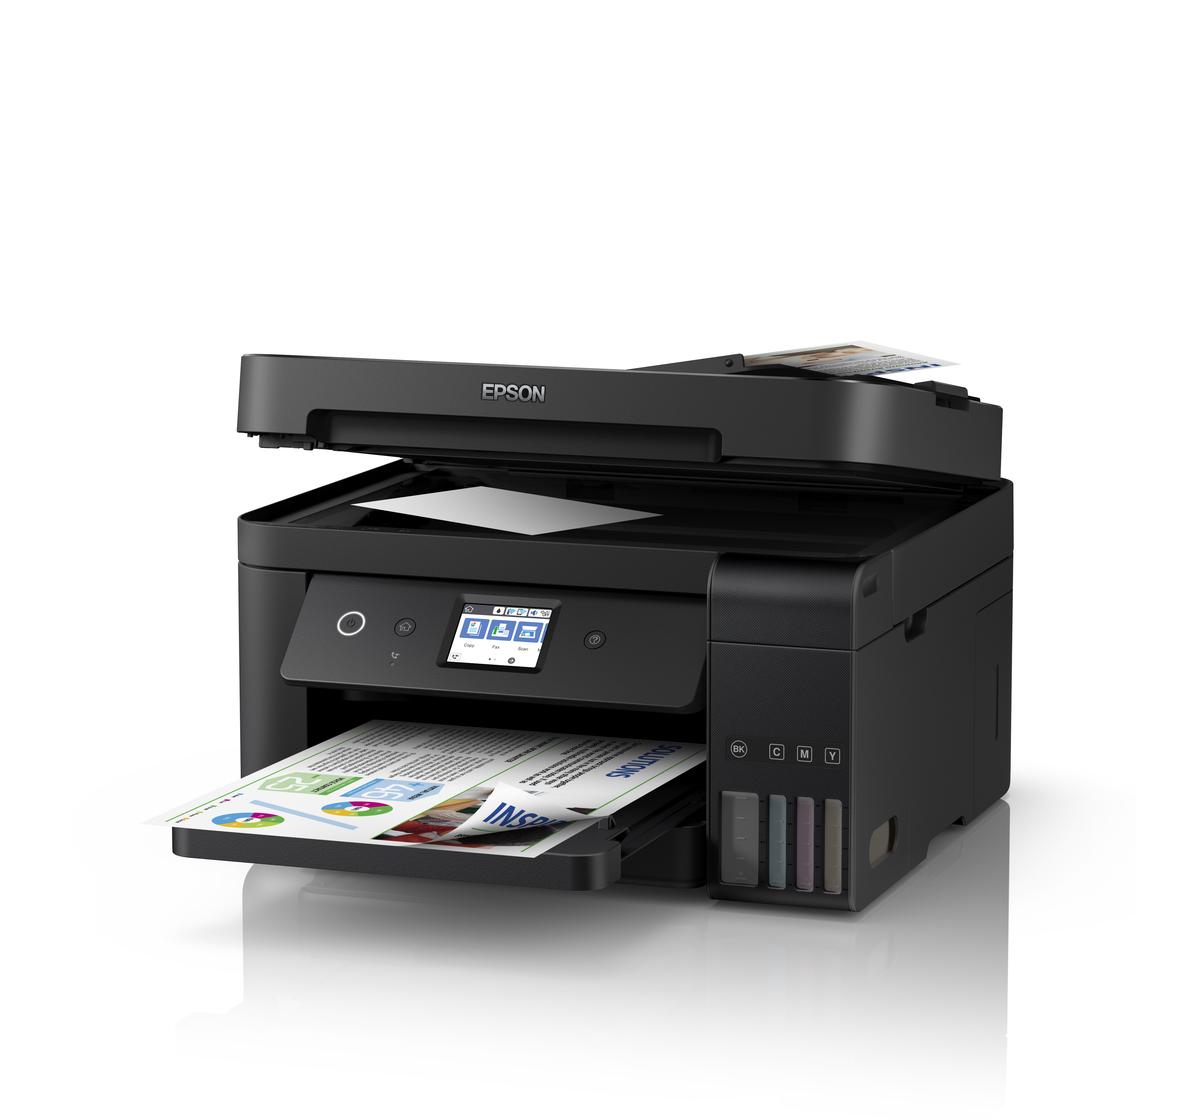 mfd epson l6190 copier printer scanner fax a4 adf duplex